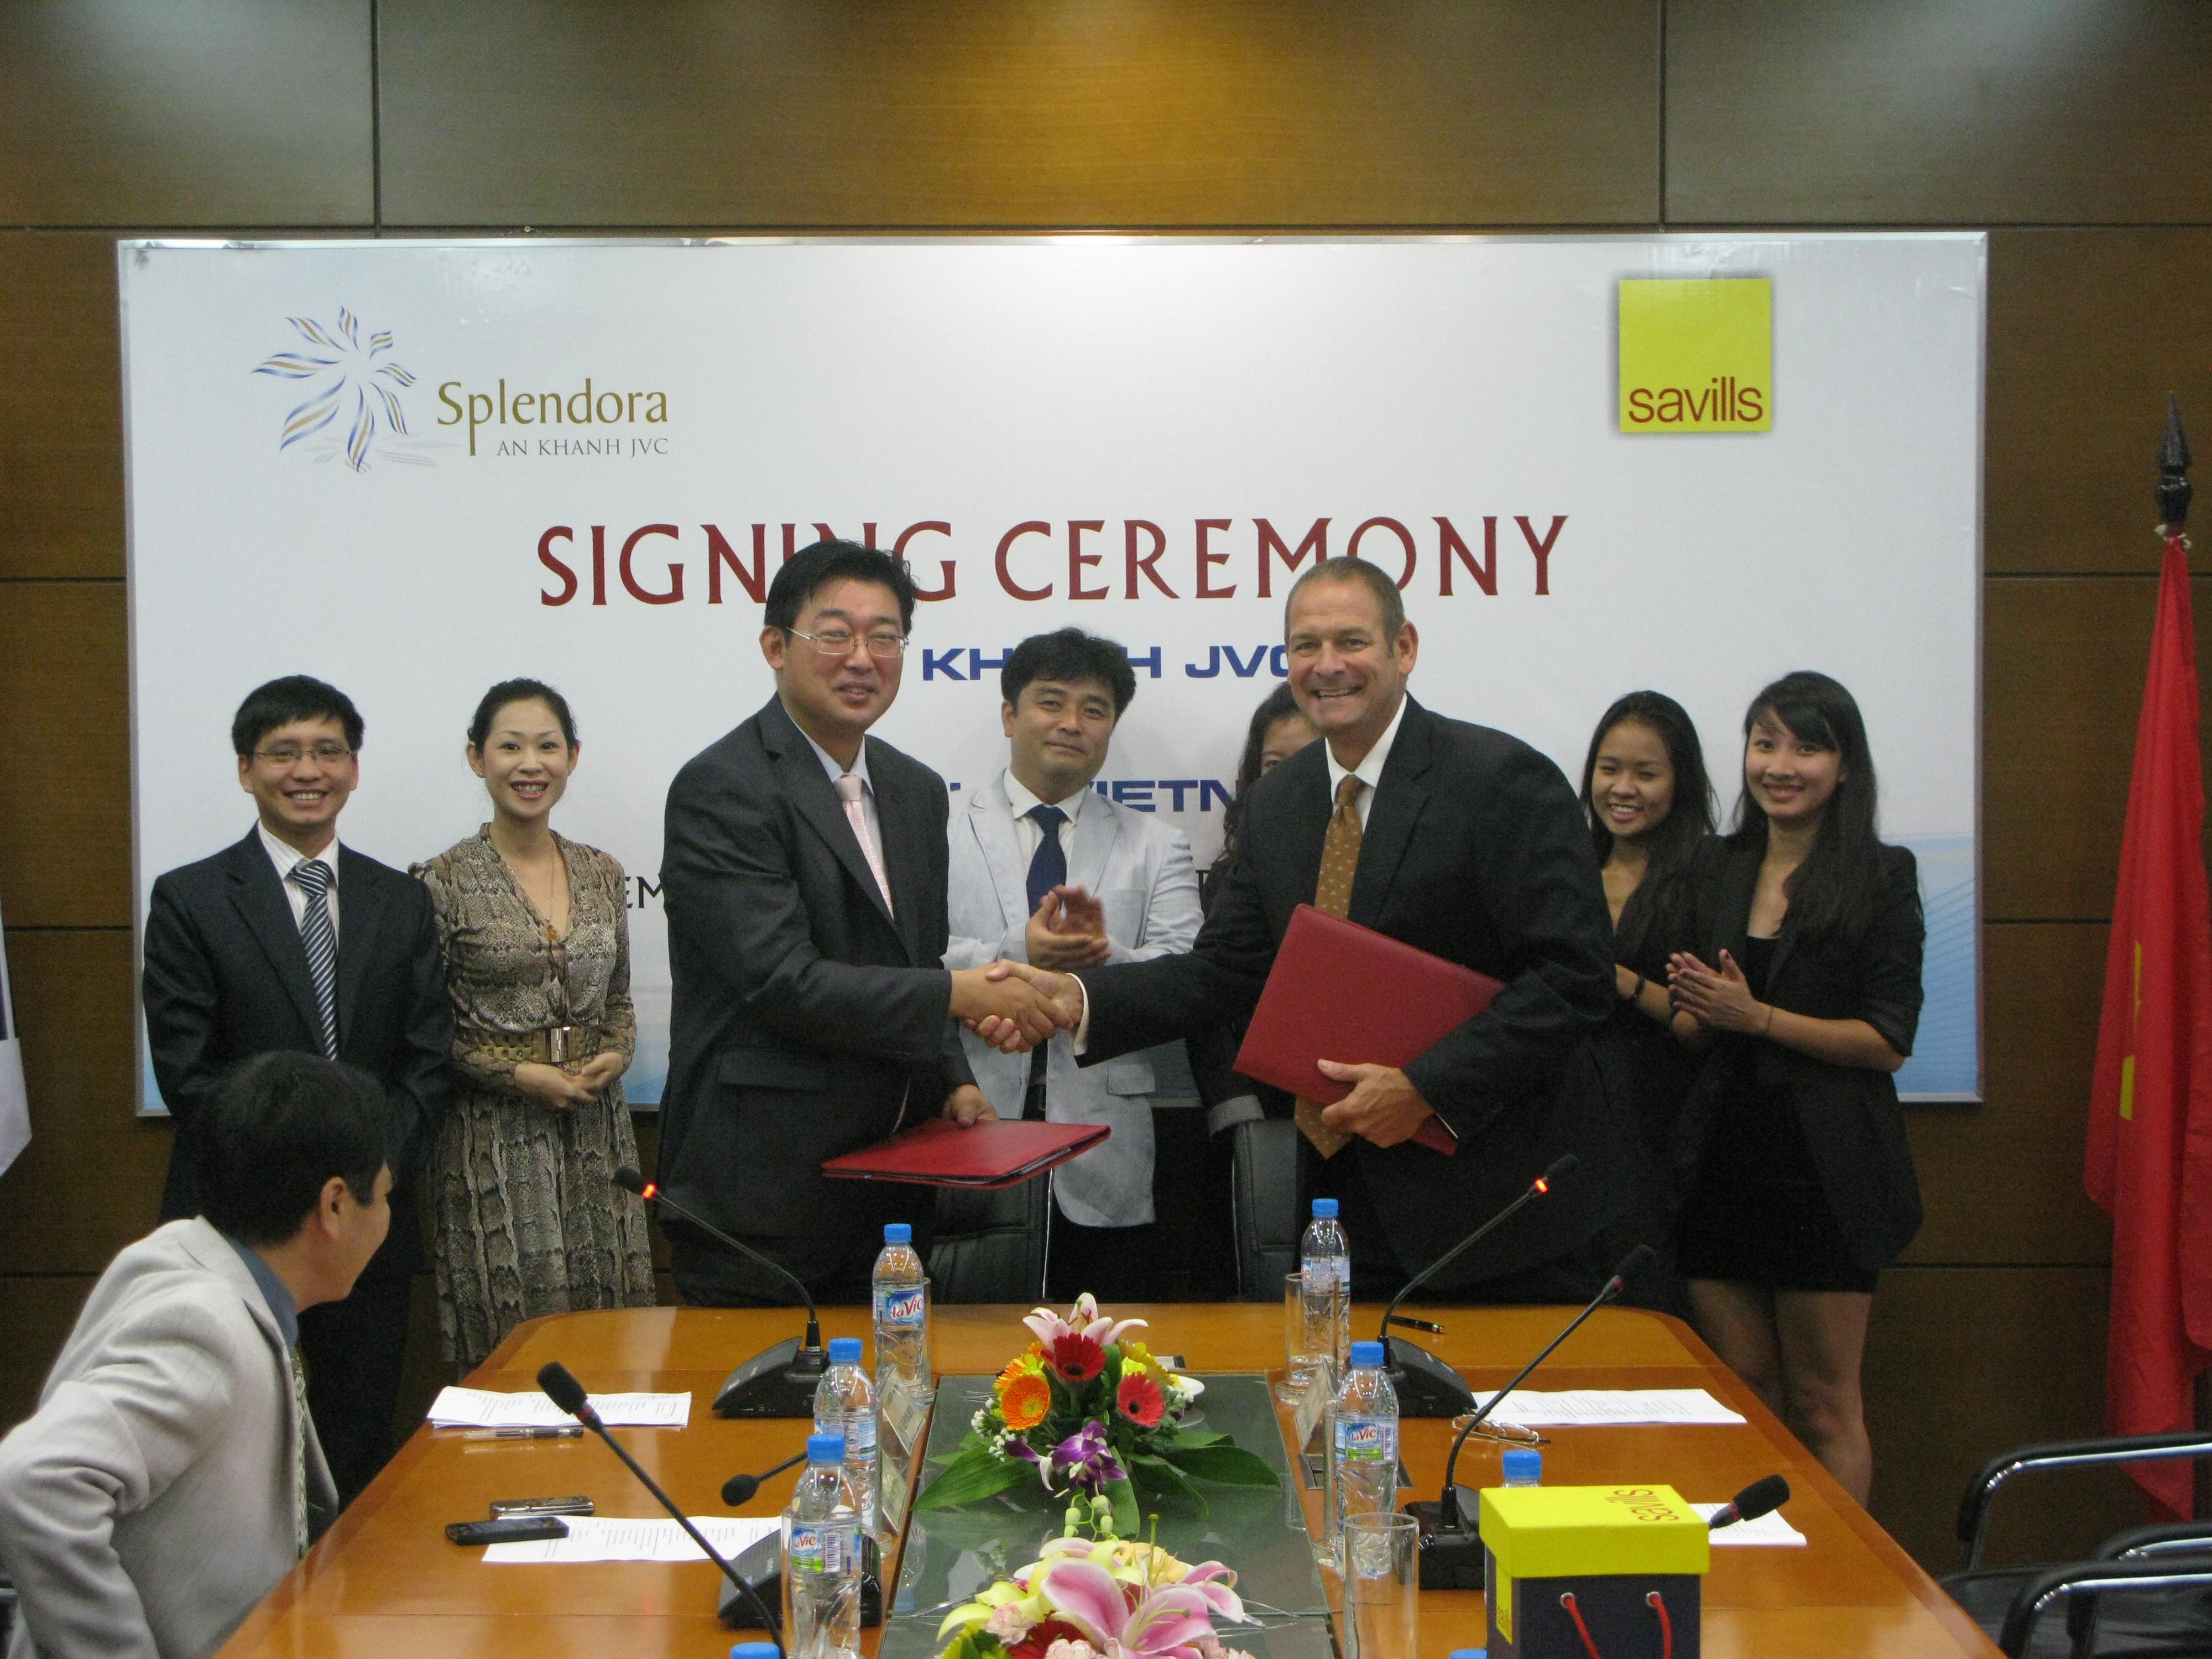 Savills ký hợp đồng tư vấn quản lý khu đô thị Splendora